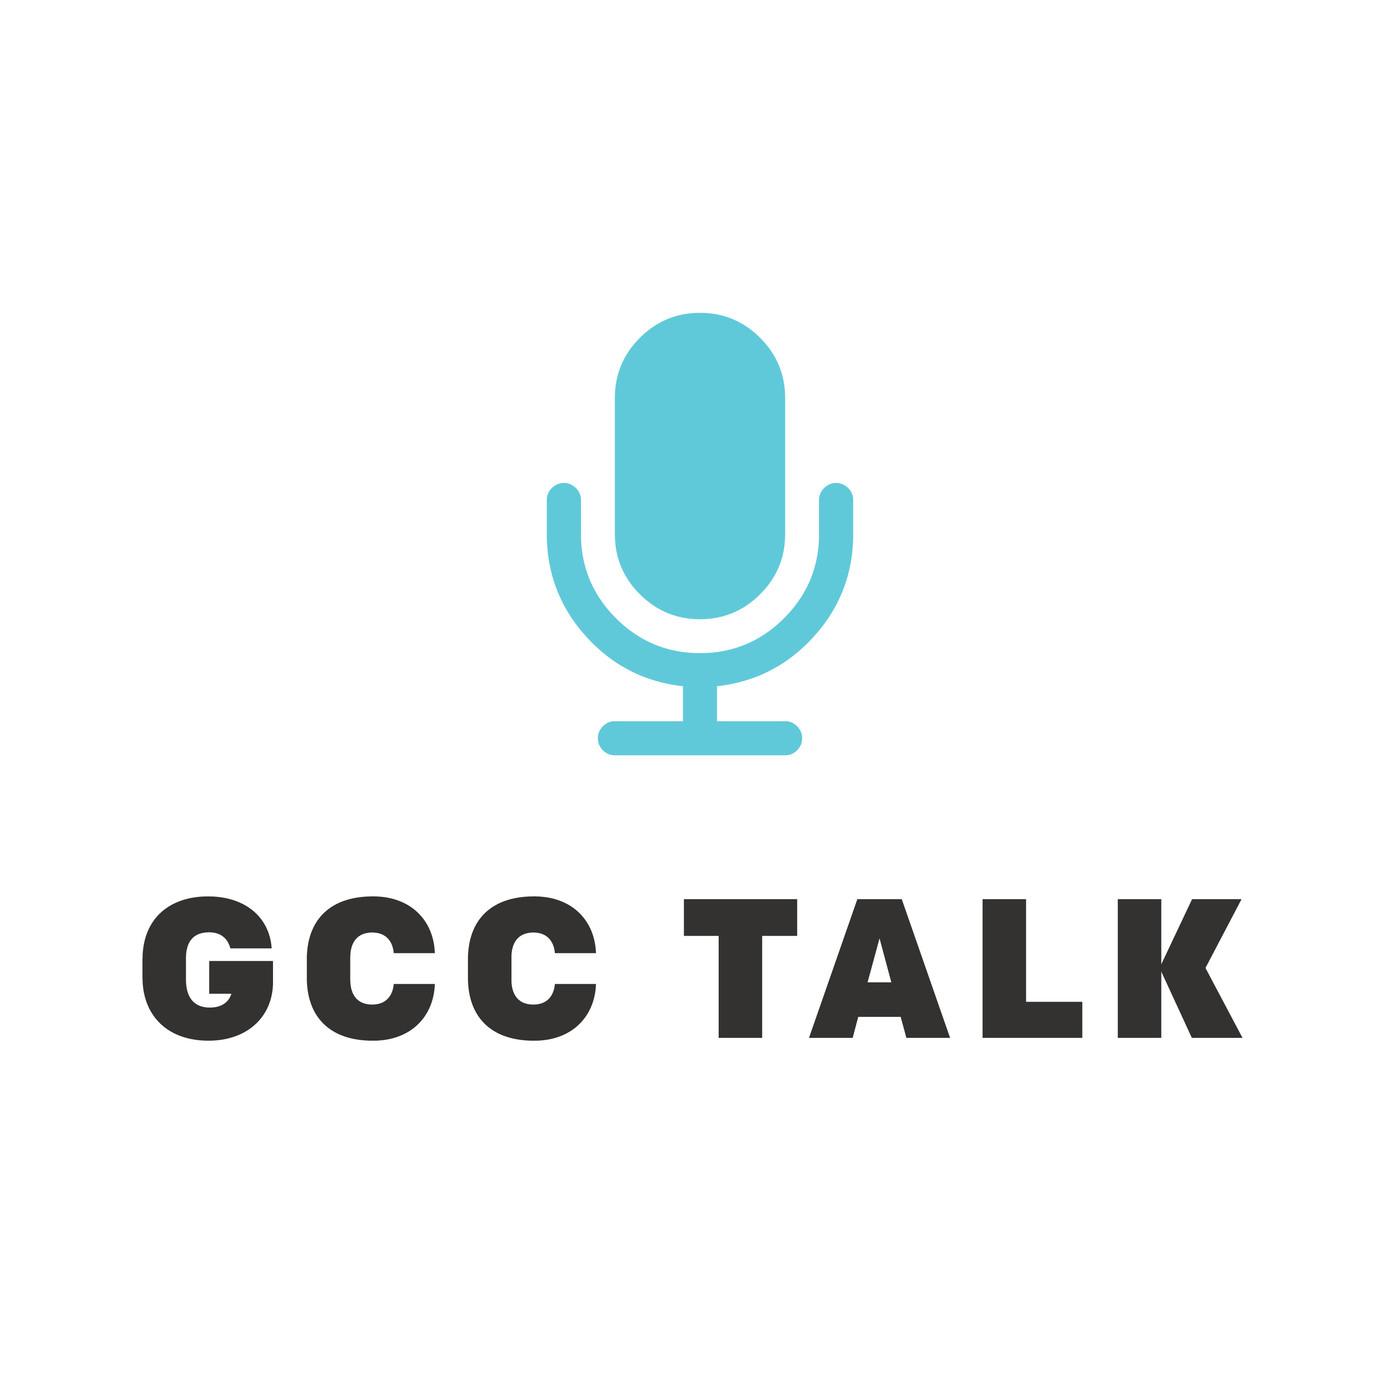 GCC Talk